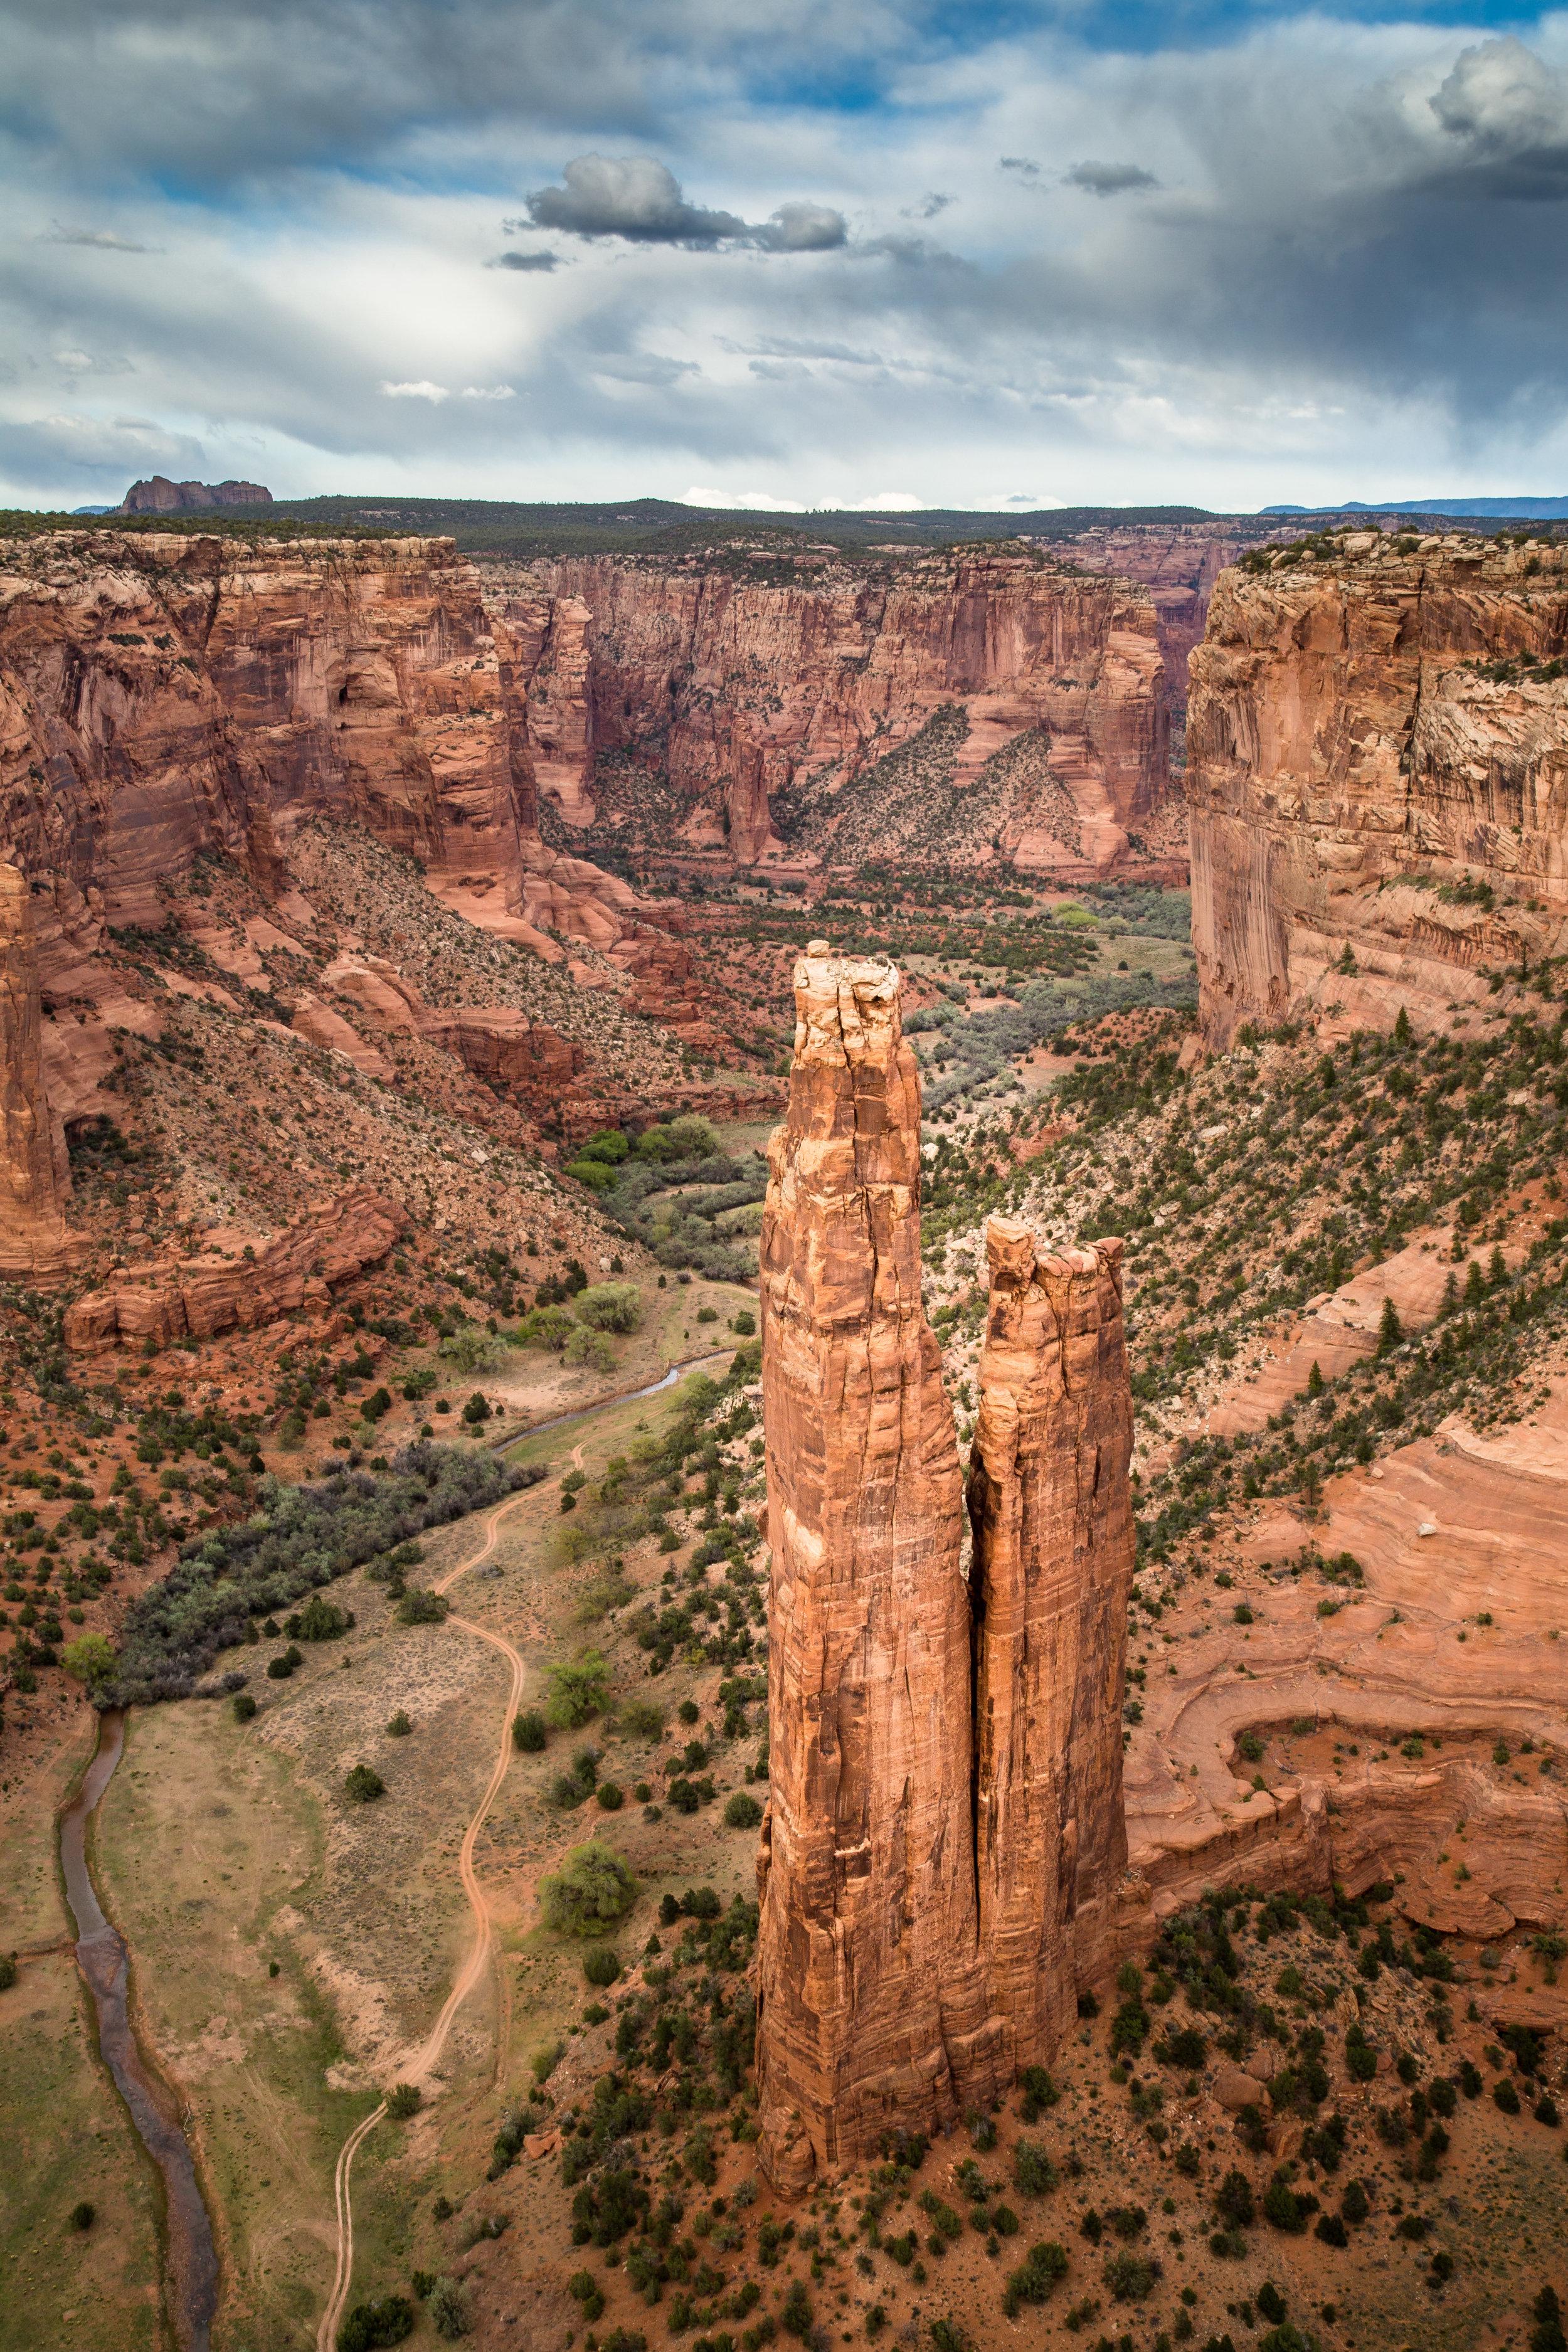 Spyder Rock, Canyon de Chelly